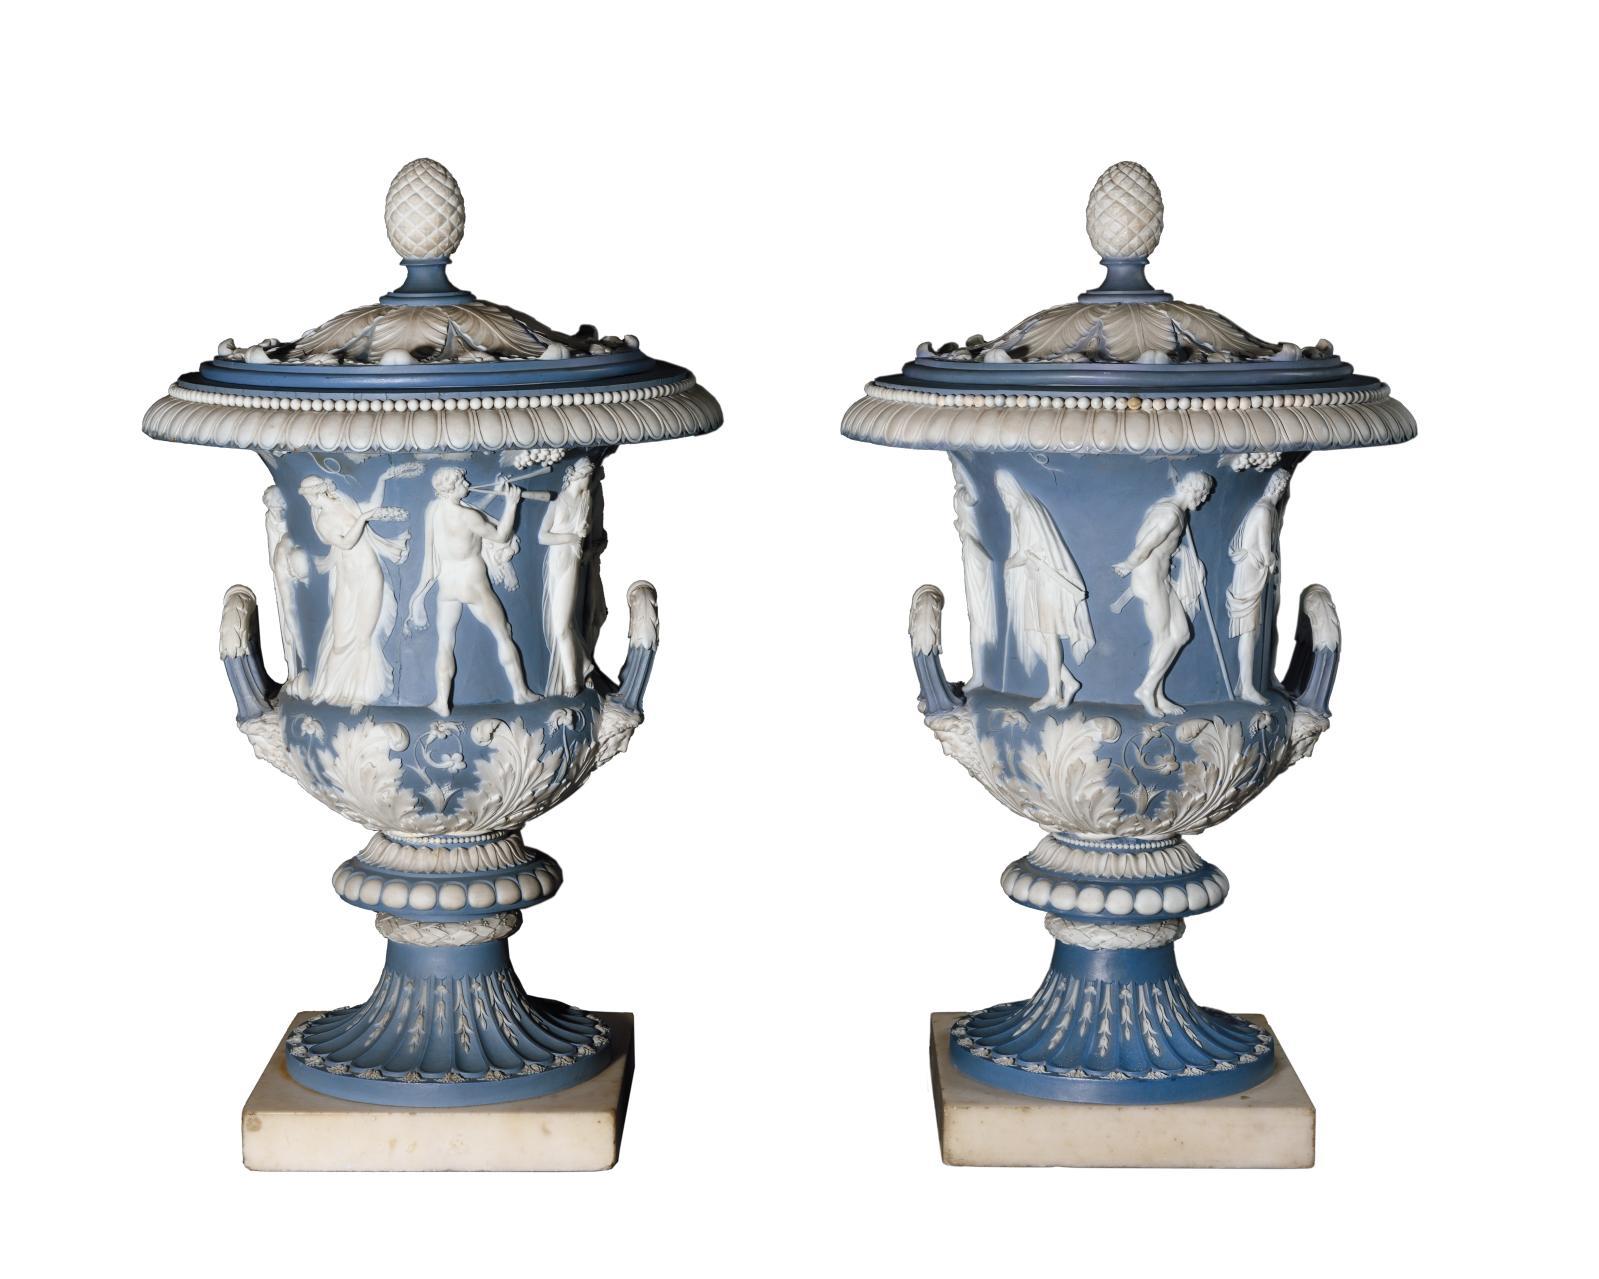 Inspirée par les vases Médicis et Borghèse, respectivement conservés à la galerie des Offices de Florence et au Louvre, cette paire de vas